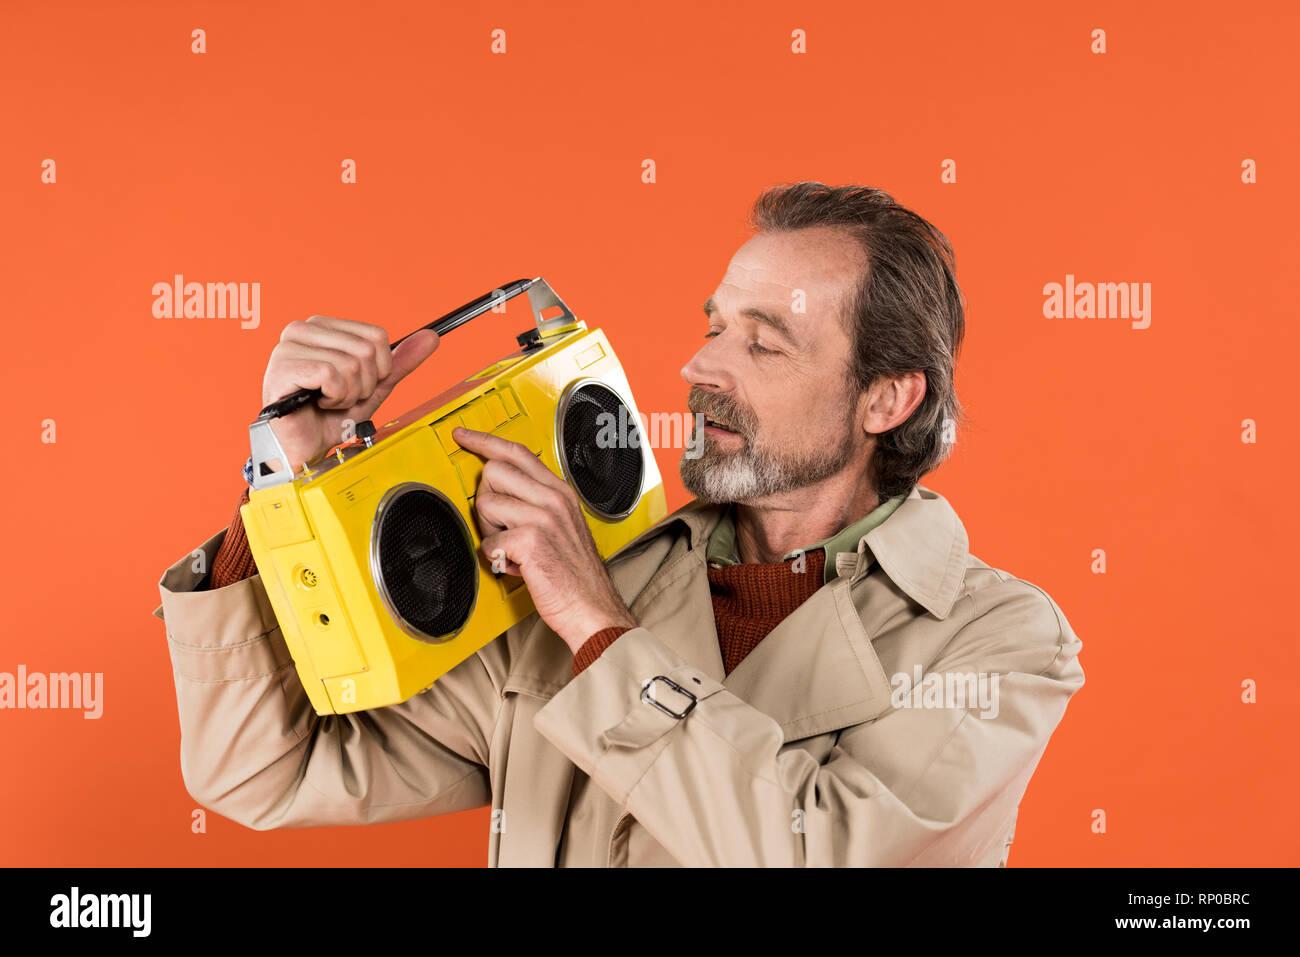 Allegro pensionato uomo toccando boombox giallo isolato su Orange Immagini  Stock 4797d6dfe594